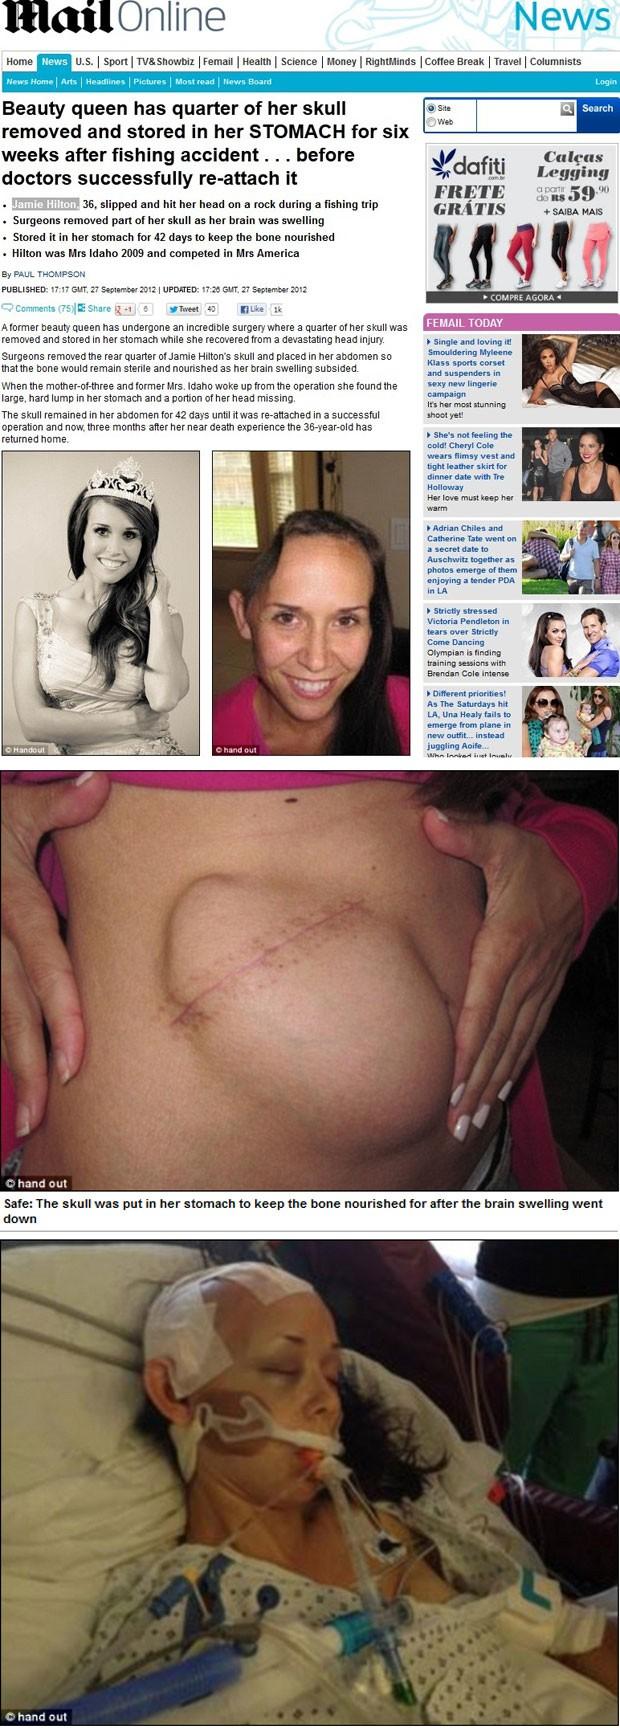 Montagem mostra imagens da americana Jamie Hilton: acima, à esquerda, como Mrs Idaho 2009, e à direita após a retirada do pedaço do crânio. No detalhe ao centro, o osso armazenado dentro do abdômen, e abaixo, após a cirurgia de recolocação (Foto: Reprodução/Daily Mail)